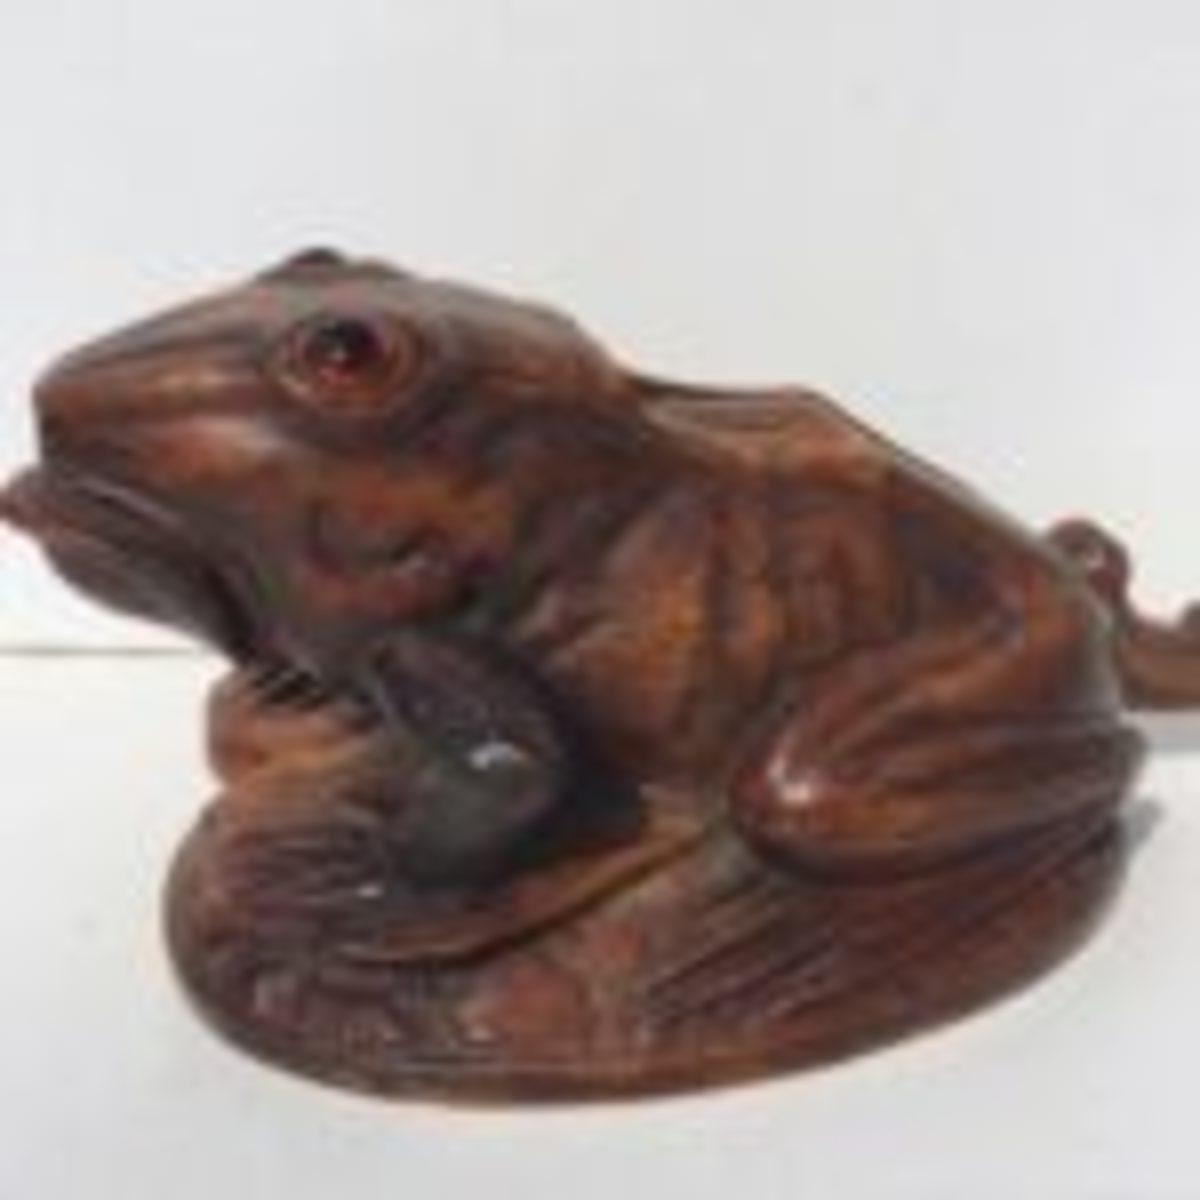 carved frog nutcracker